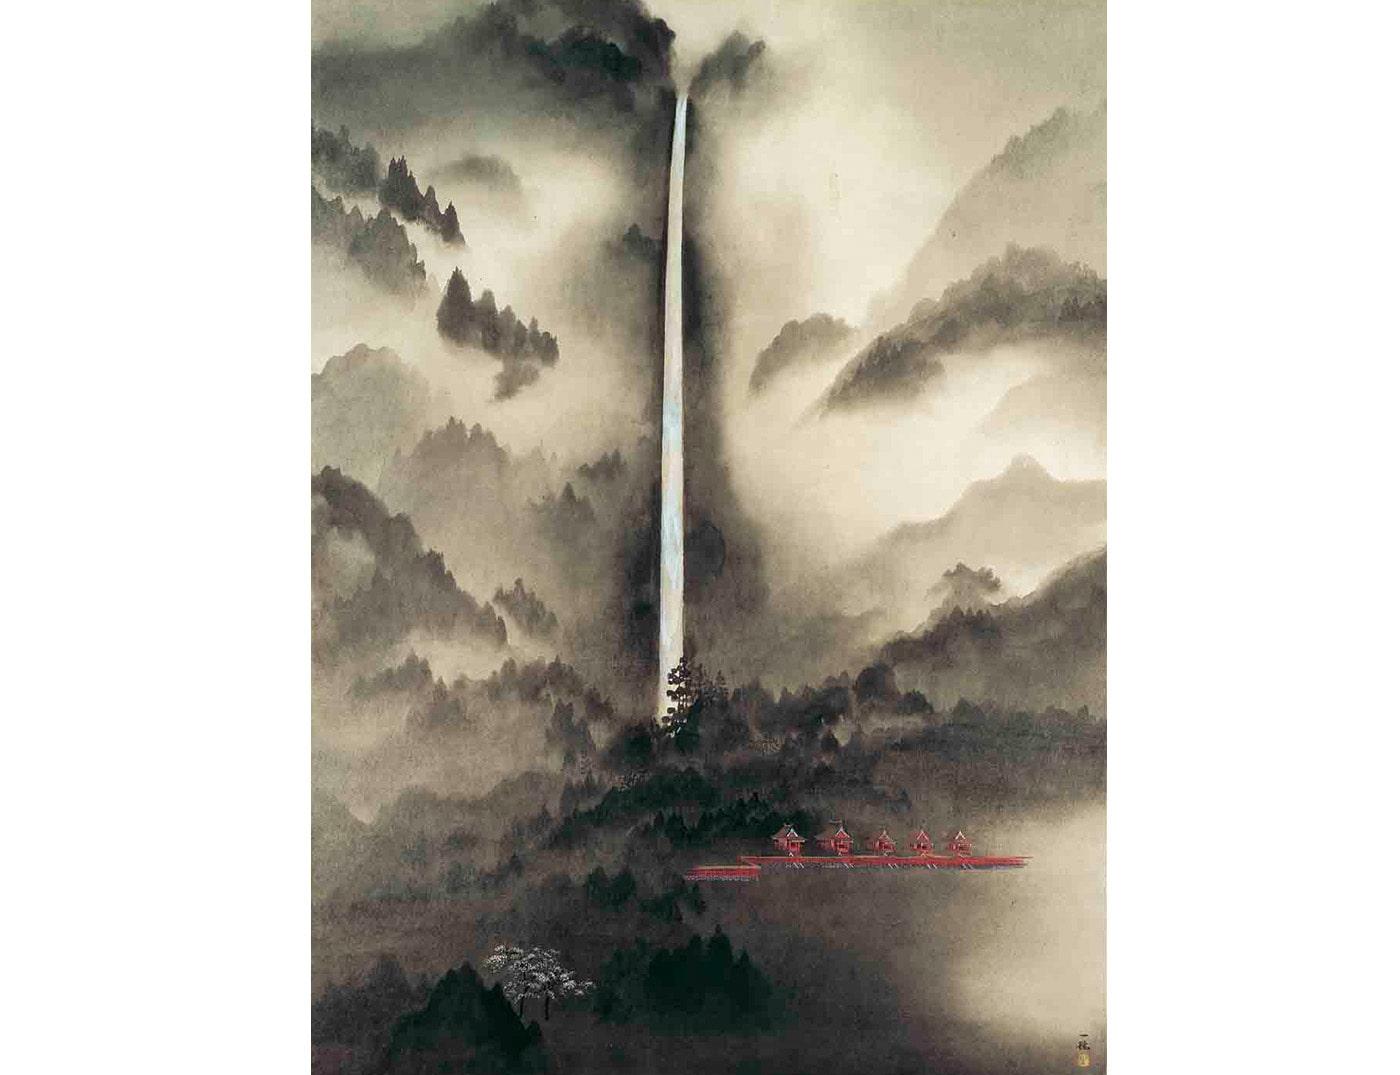 日本画|コレクション|京セラギャラリー|京セラの文化施設|会社案内 ...